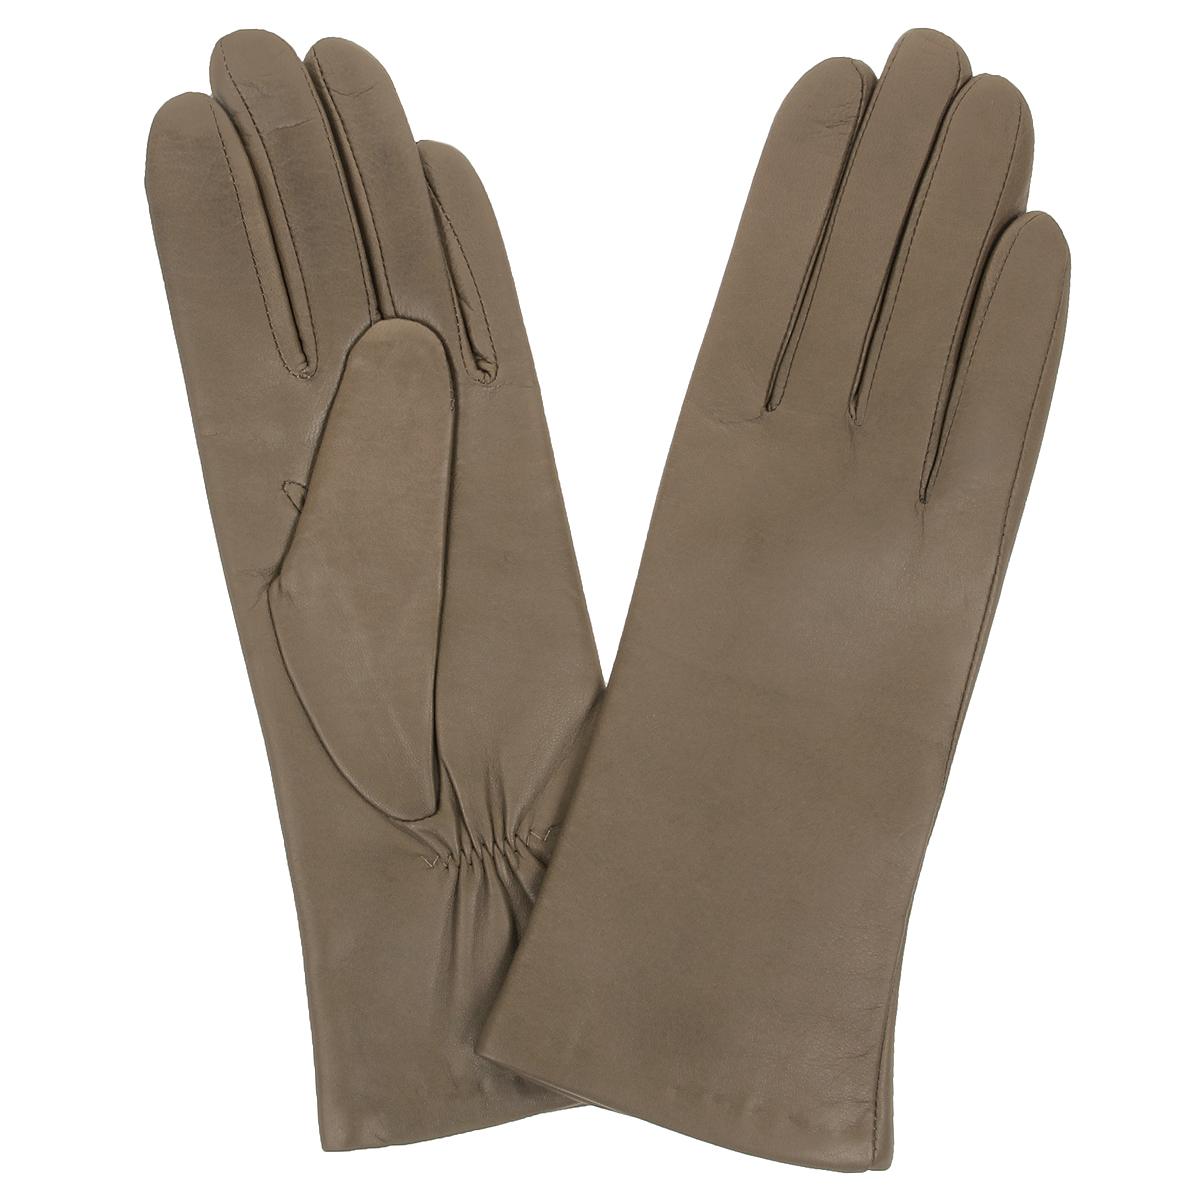 Перчатки женские. W9904W9904/10Стильные женские перчатки Baggini не только защитят ваши руки от холода, но и станут великолепным украшением. Перчатки выполнены из чрезвычайно мягкой и приятной на ощупь натуральной кожи, а их подкладка - из шерсти. На тыльной стороне есть небольшая сборка резинкой для того, чтобы перчатки лучше сидели. В настоящее время перчатки являются неотъемлемой принадлежностью одежды, вместе с этим аксессуаром вы обретаете женственность и элегантность. Перчатки станут завершающим и подчеркивающим элементом вашего стиля и неповторимости.